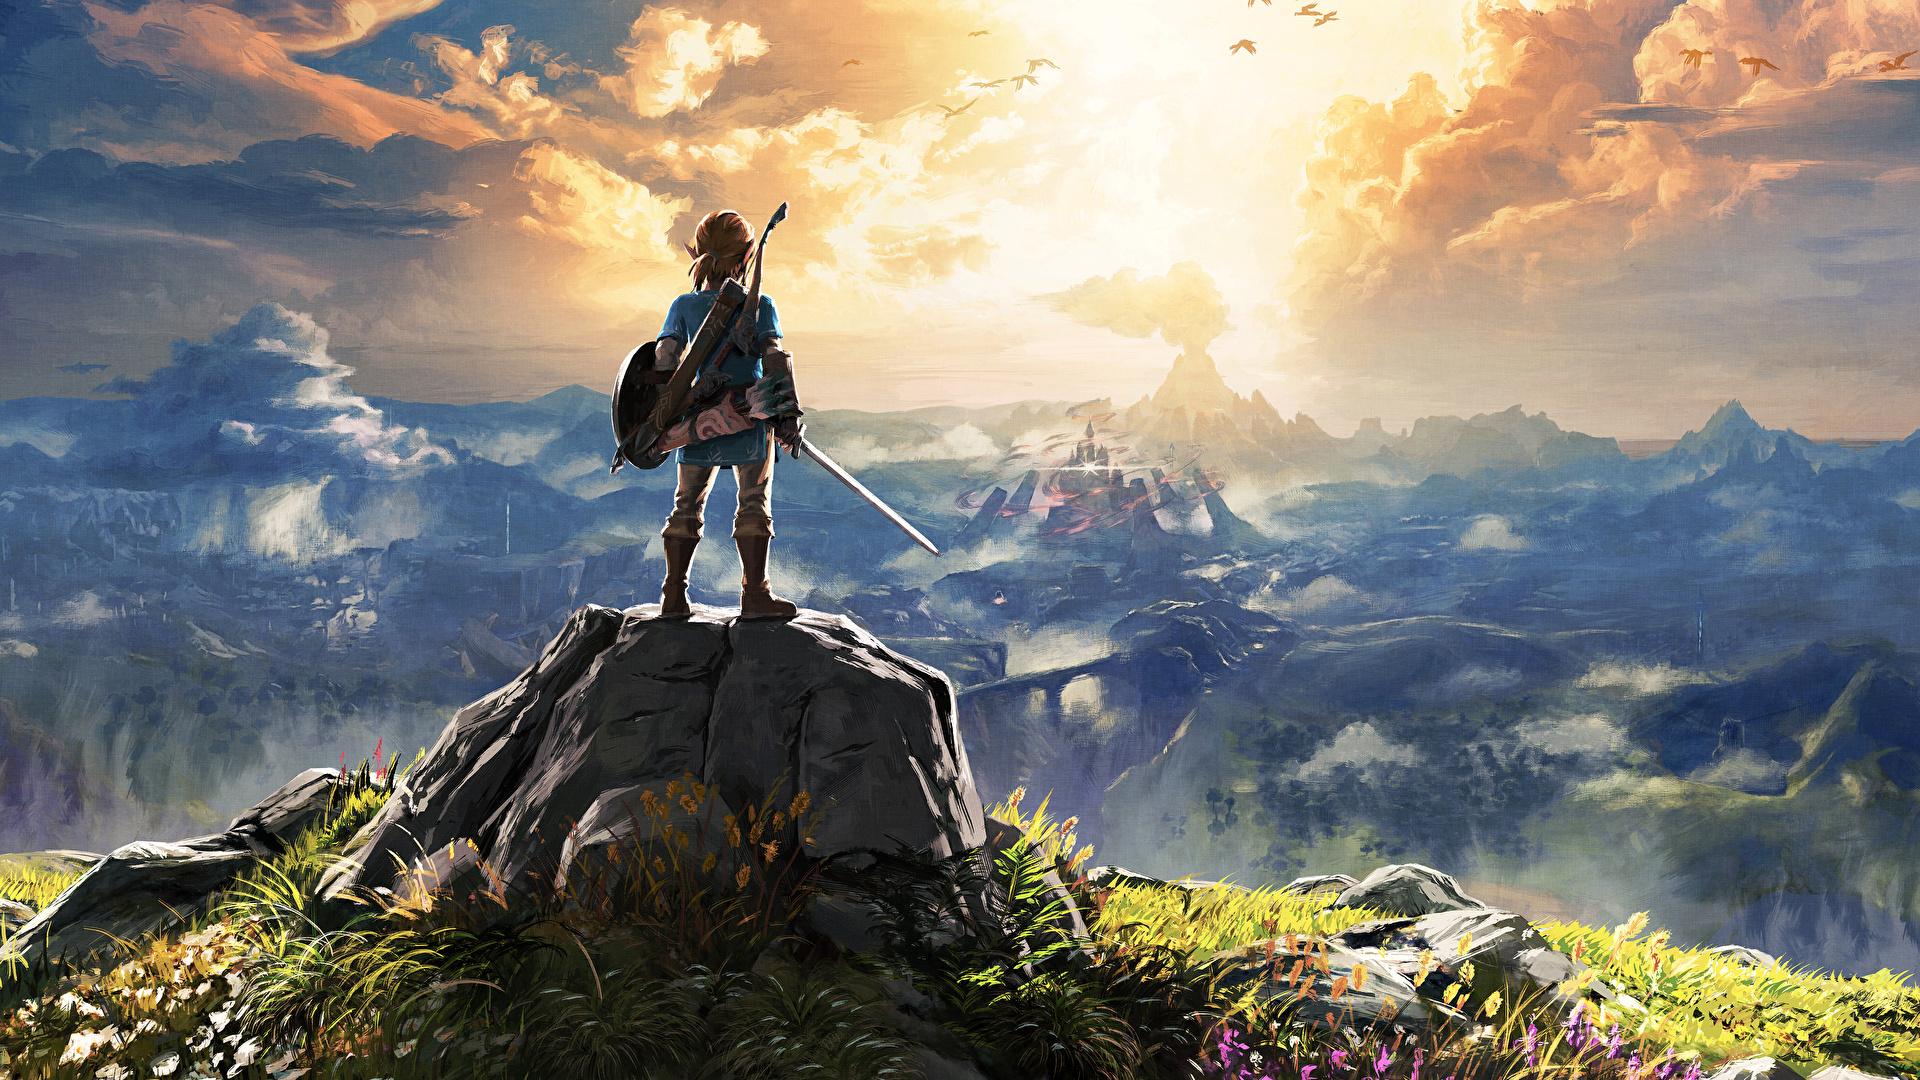 Image The Legend Of Zelda Warriors Breath Of The Wild 1920x1080